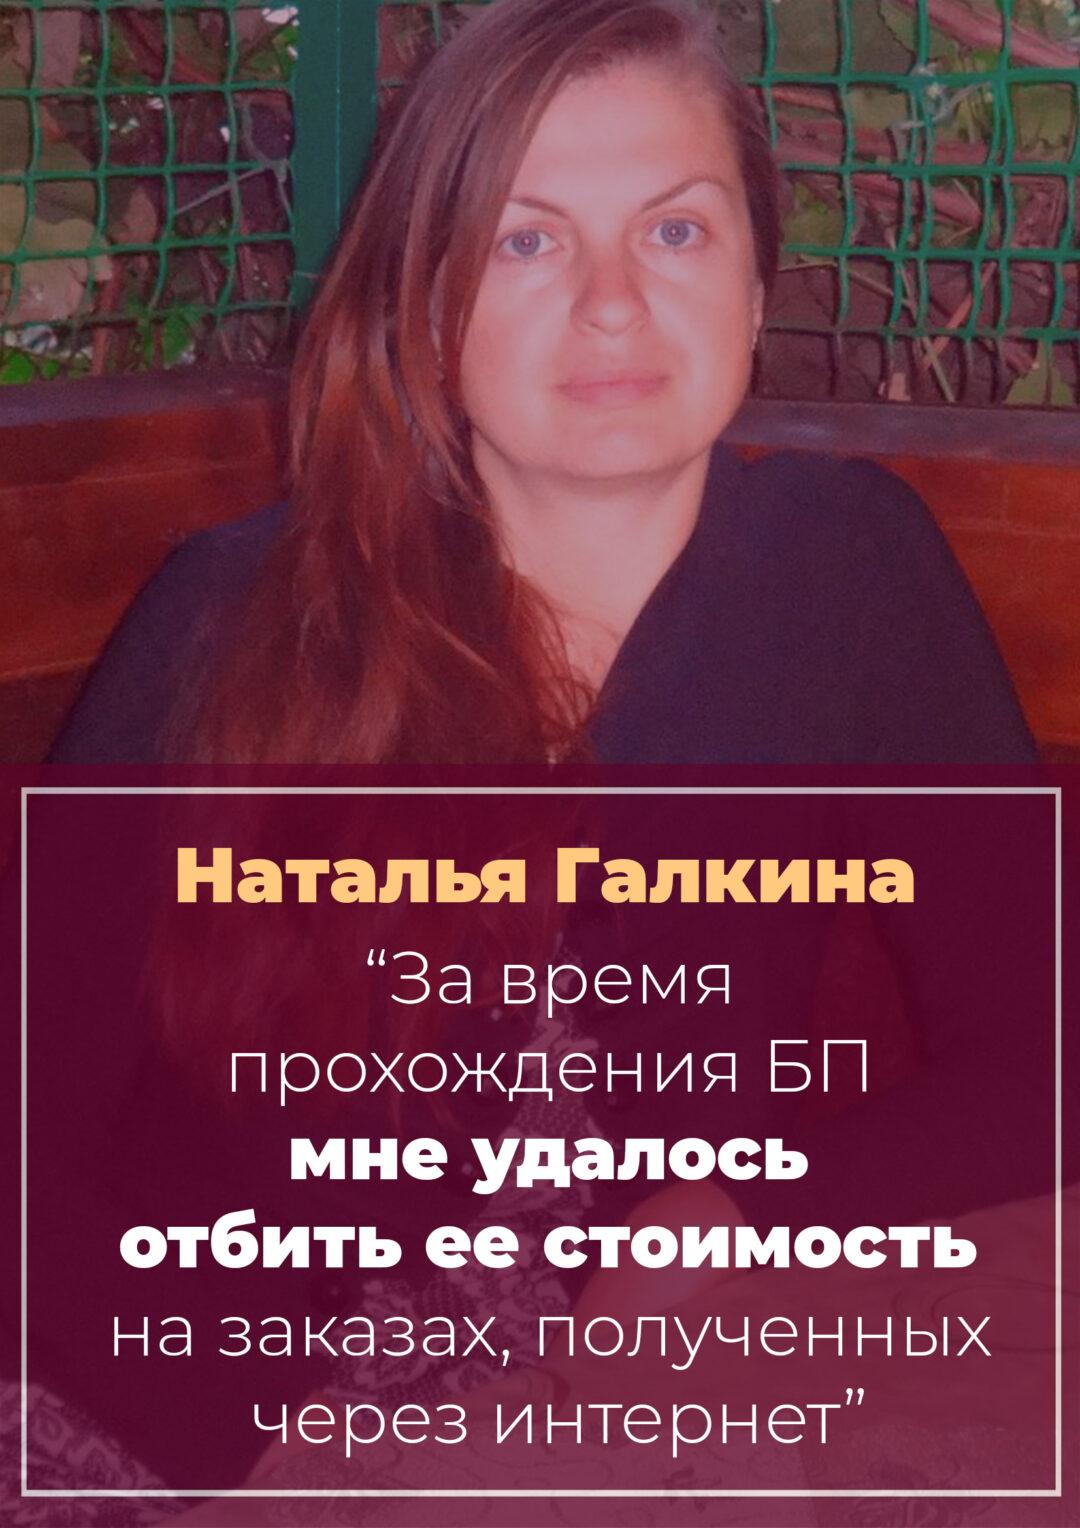 История Натальи Галкиной